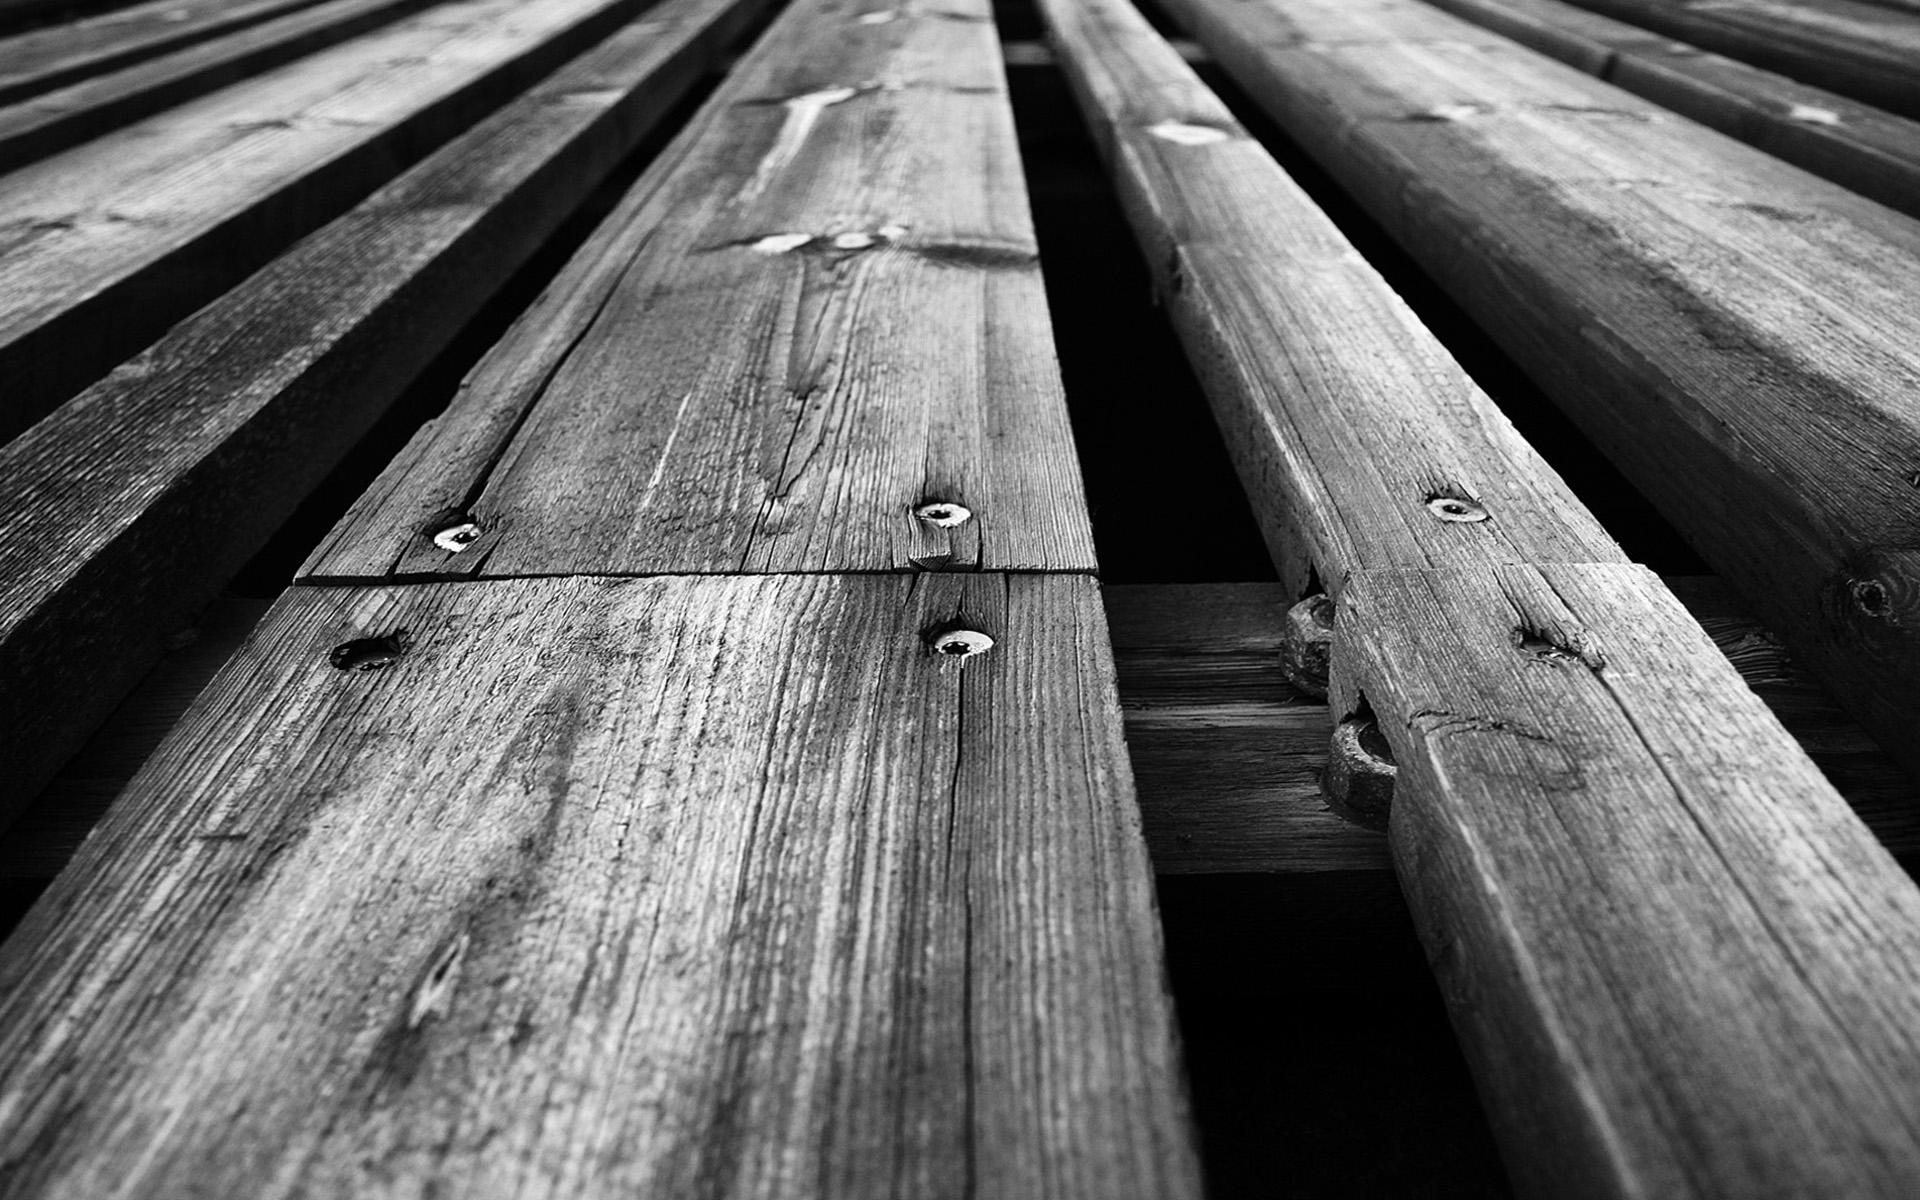 Barn Wood Desktop Wallpaper Wallpapersafari